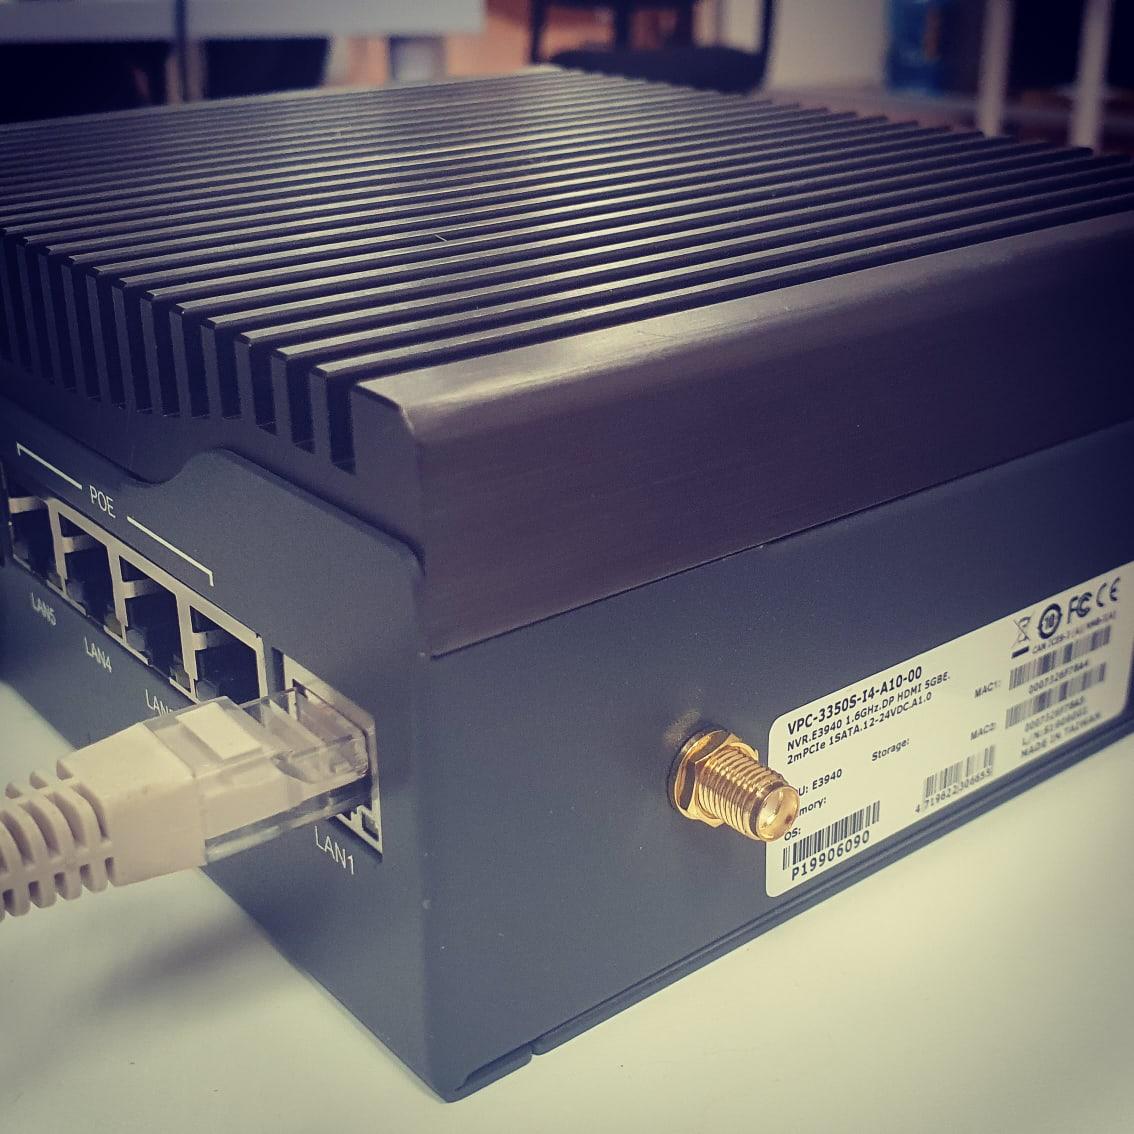 AAEON VPC-3350S